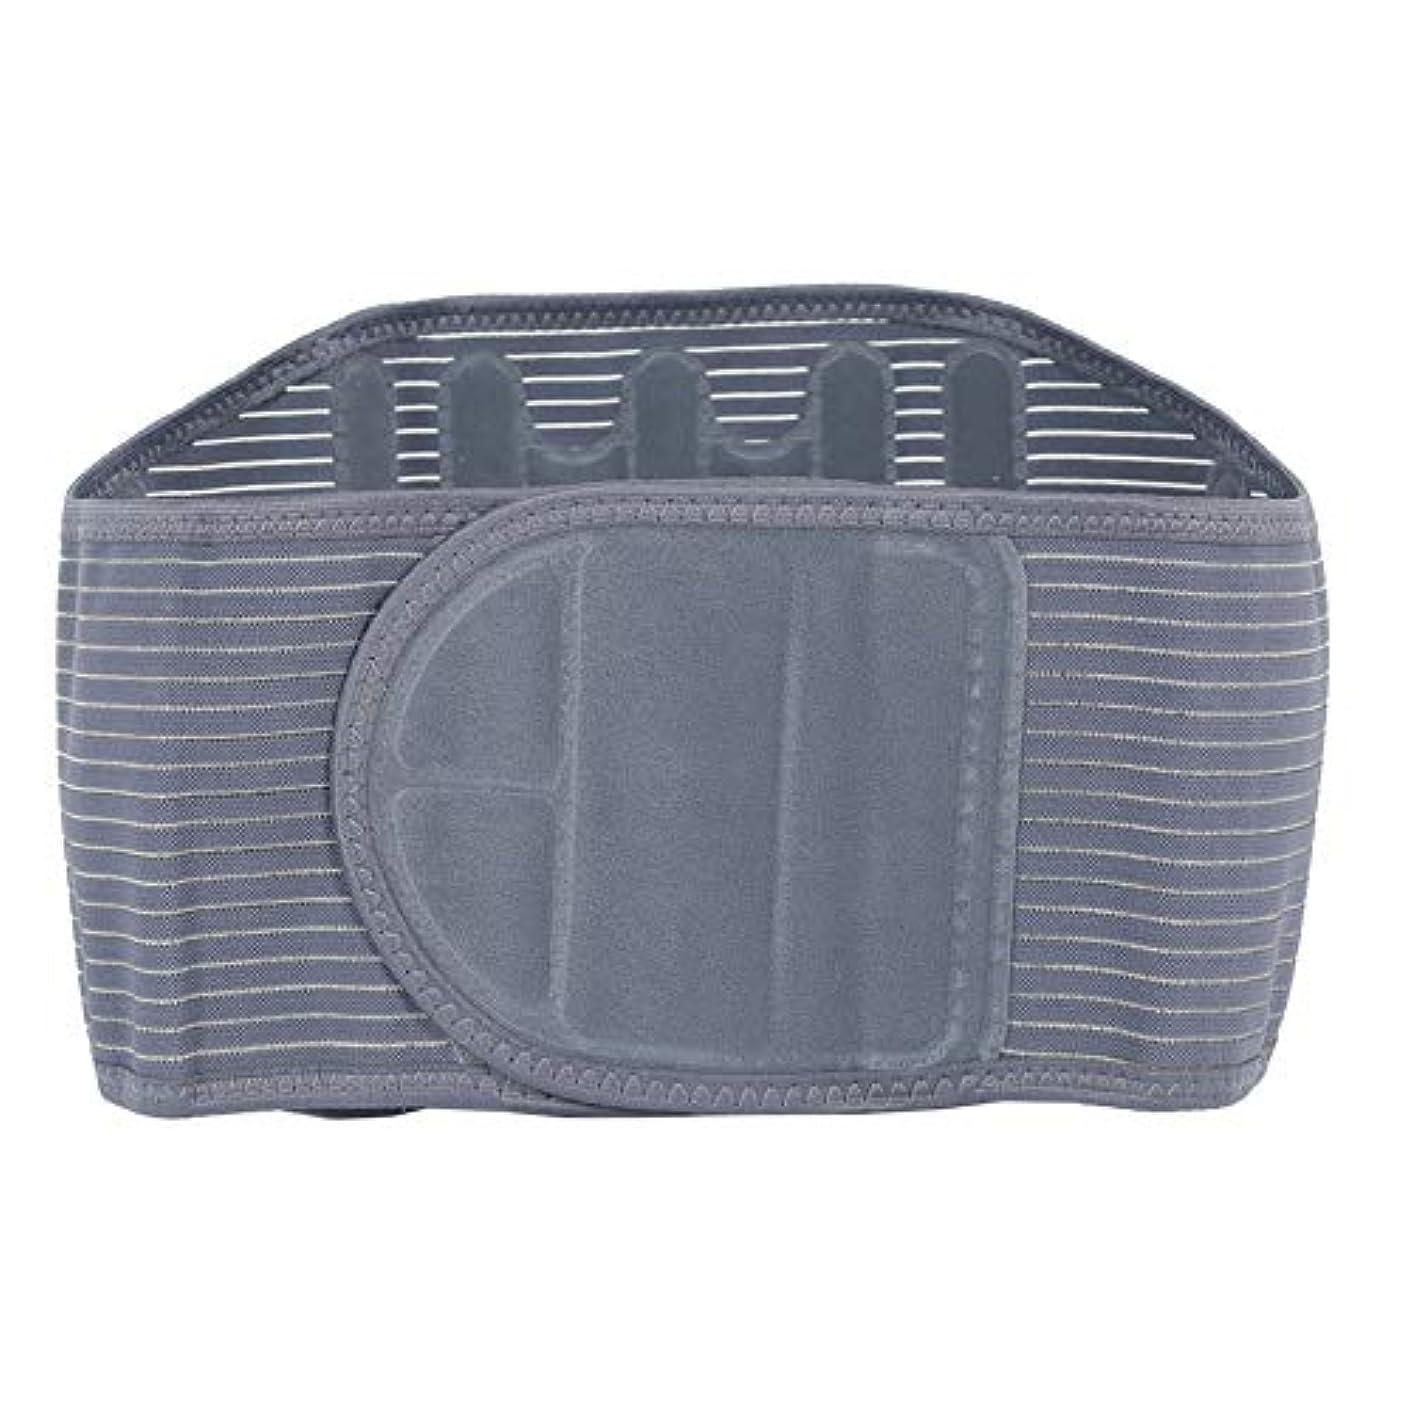 ウエストトレーナー痩身腹ウエストウォーマーベルトバックサポートフィットネススポーツと痛みを軽減する腰椎ウエストブレースラッププロテクター(XL)